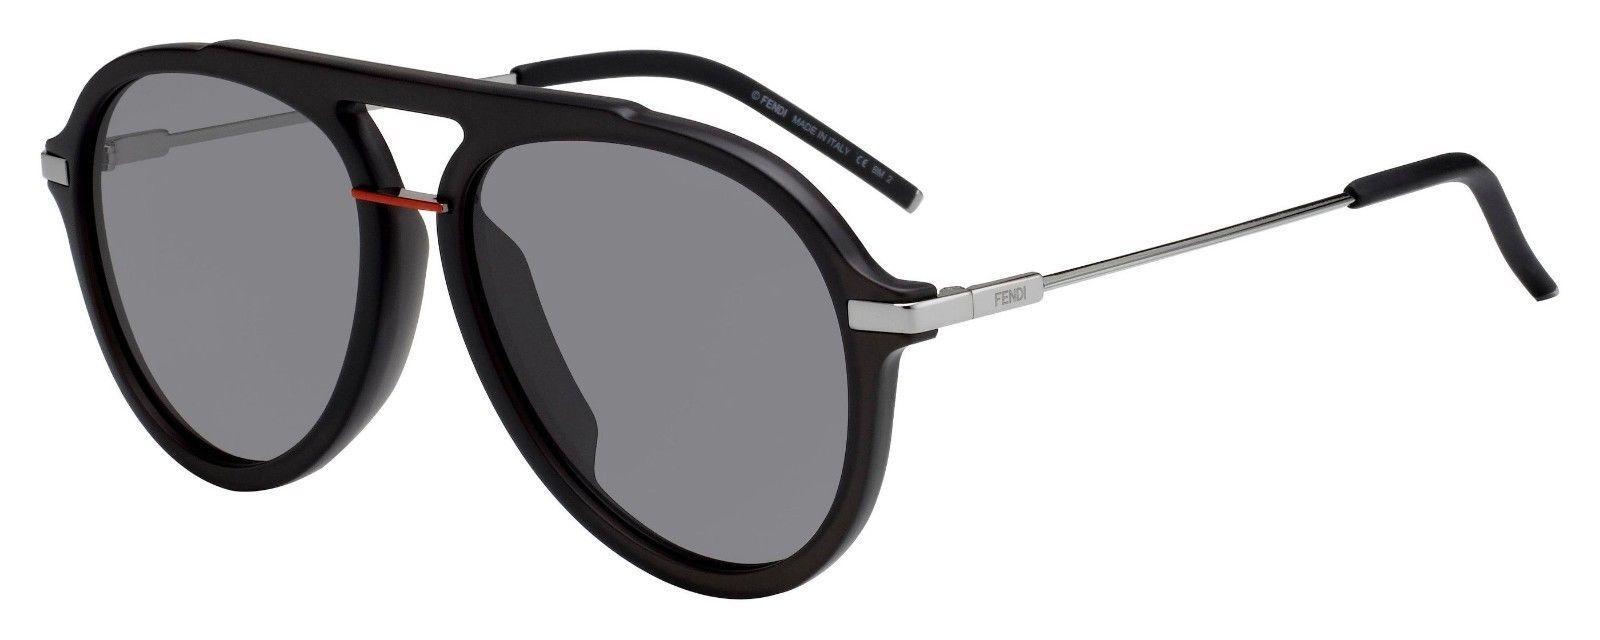 7fb1d55bfb901 Fendi FF M 0011 s Full Frame Sunglasses 0kb7 for sale online